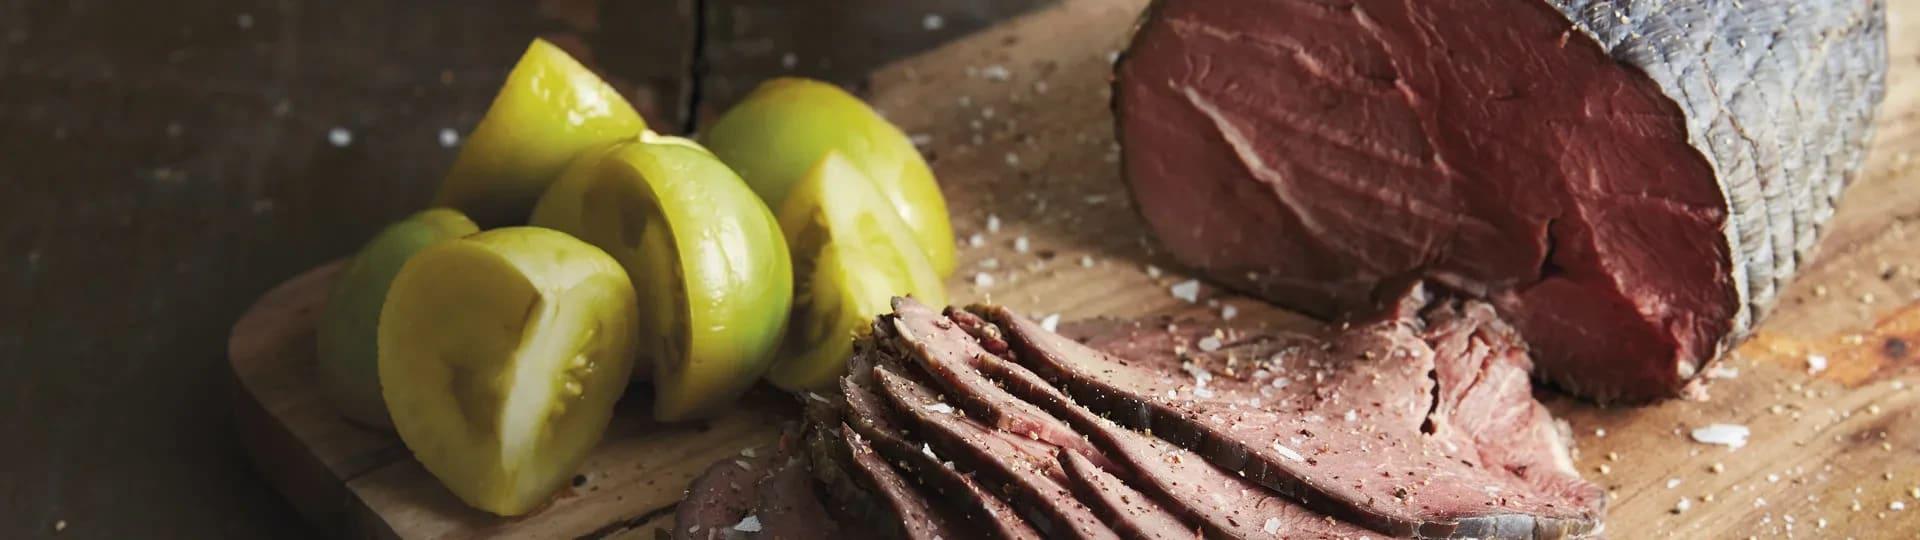 billigt kött online